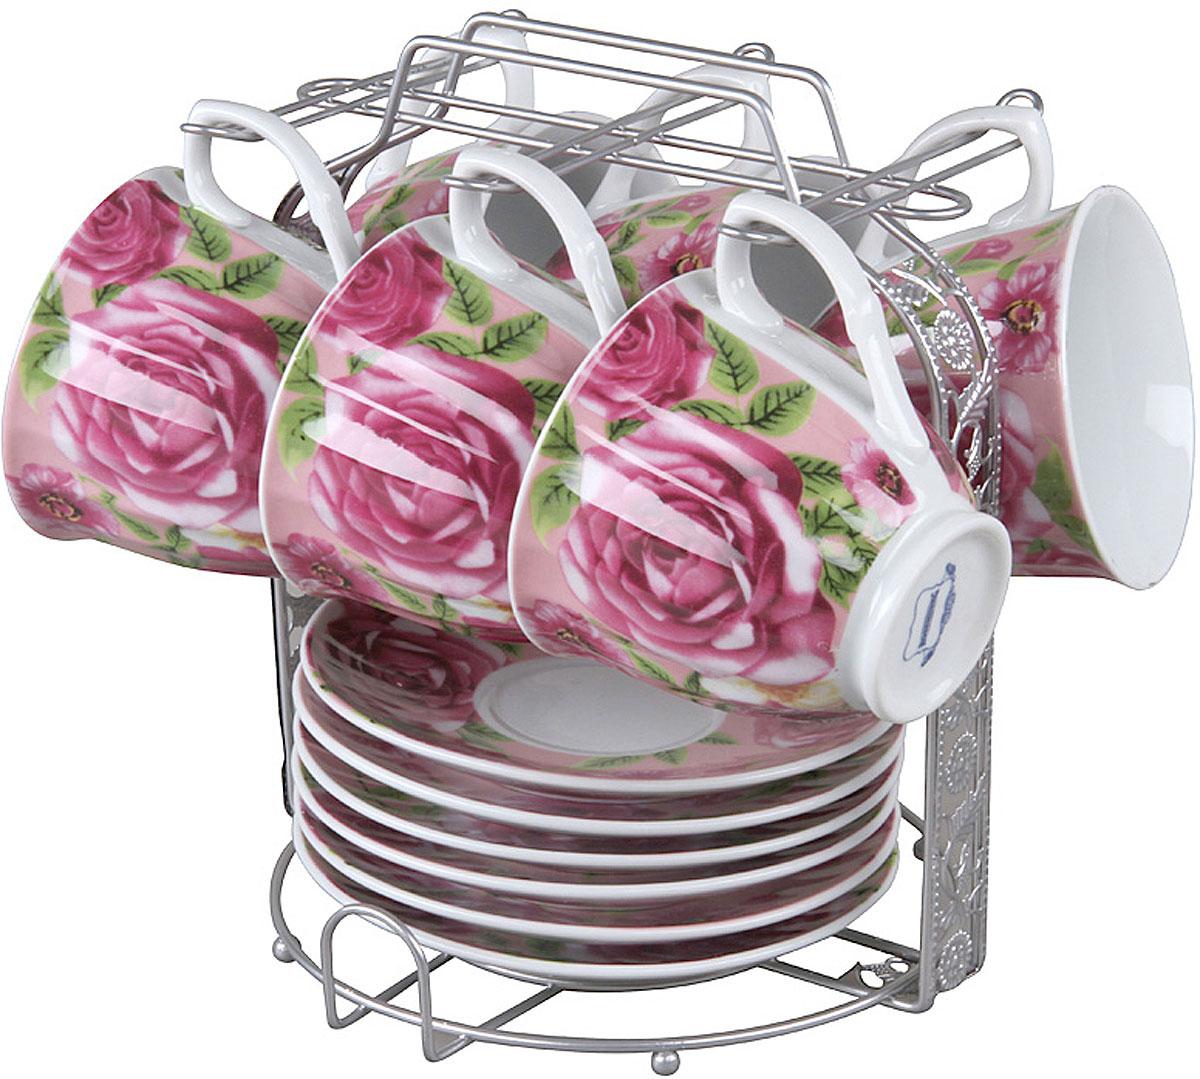 Чайный набор Rosenberg RPO-115018-13 изготовлен из фарфора и дополнен дизайнерским рисунком.  Посуда из этого материала позволяет максимально сохранить полезные свойства и вкусовые качества воды.  Заварите крепкий, ароматный чай или кофе в представленном наборе, и вы получите заряд бодрости, позитива и энергии на весь день! Классическая форма и насыщенная цветовая гамма изделий позволят наслаждаться любимым напитком в атмосфере еще большей гармонии и эмоциональной наполненности.  Оцените преимущества чайного набора: Выполнен из качественного материала.  Украшен цветочным узором, поэтому не останется незамеченным.  Является прекрасным подарком для ваших родных и близких.  В комплект входят 13 предметов, включая подставку.  О бренде Rosenberg Огромный ассортимент продукции, качественные материалы и ценовая доступность это основополагающие принципы успеха данного торгового знака на Российском рынке.  По данным начала 2009 года именно Rosenberg являлся самым динамично развивающимся брендом, который всего за 4 года вывел в продажу более 2,5 тысяч наименований товаров.